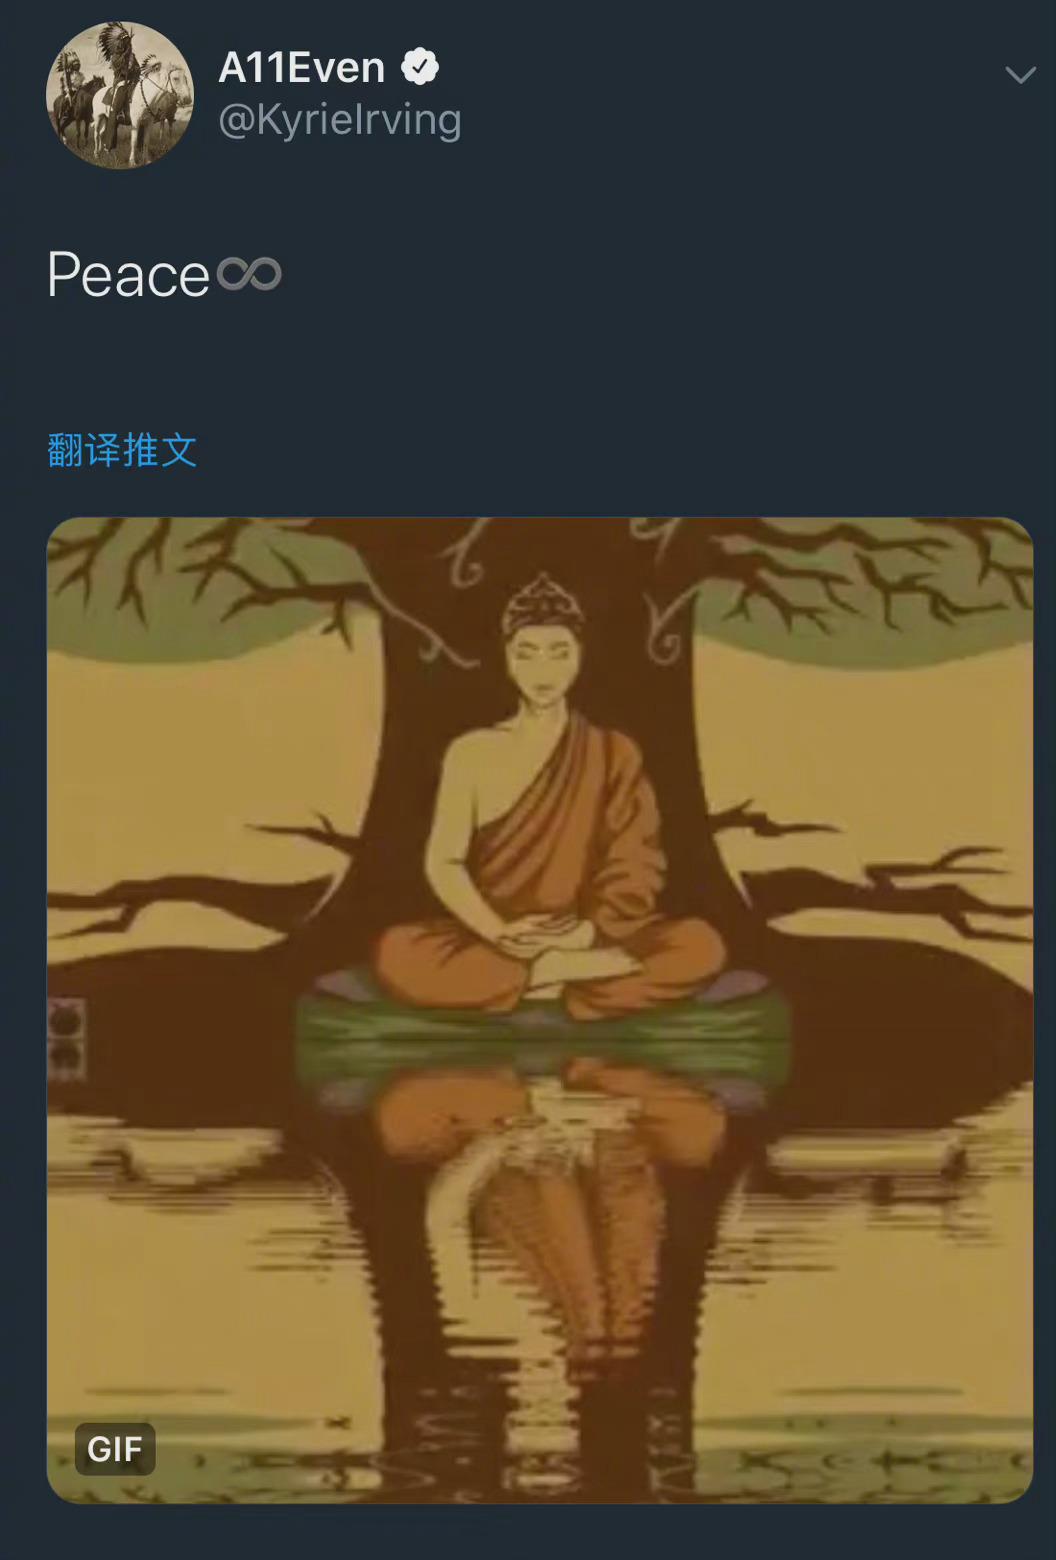 """欧文发布了一张冥想的照片,写下""""平和""""二字。"""